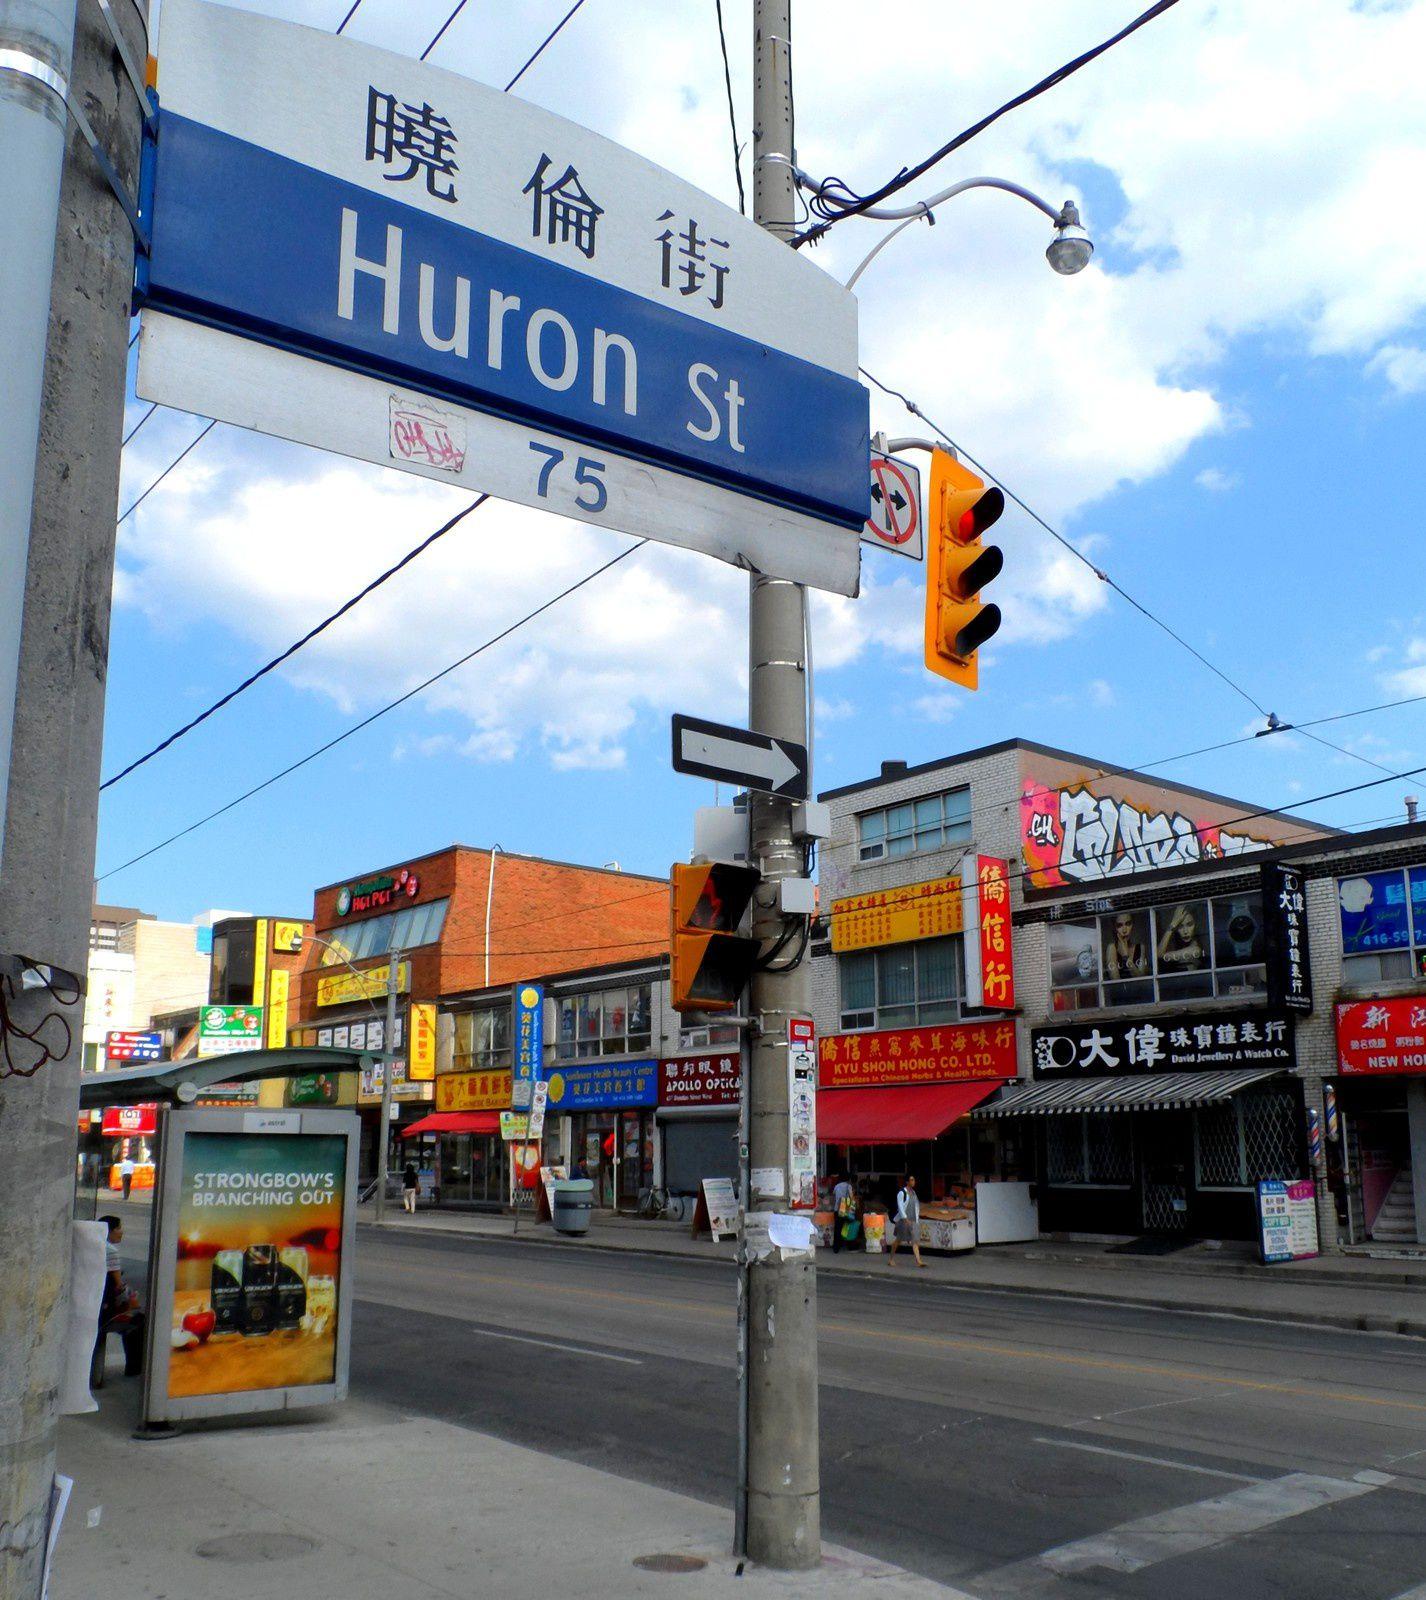 Toronto, ses îles et Chinatown